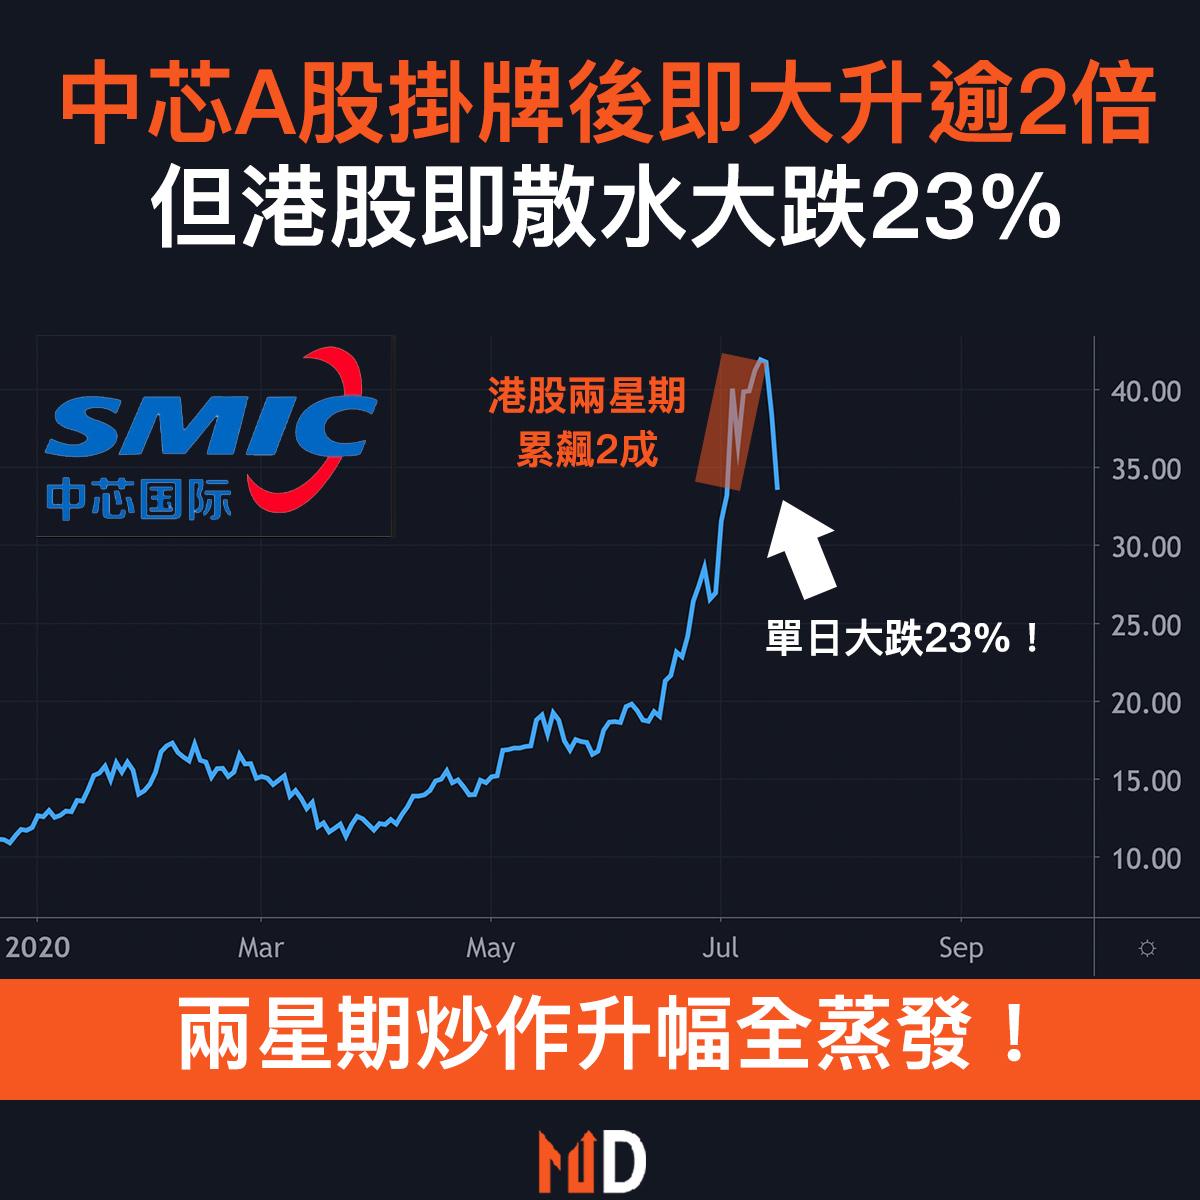 【市場熱話】中芯A股掛牌後即大升逾2倍,但港股即散水大跌23%